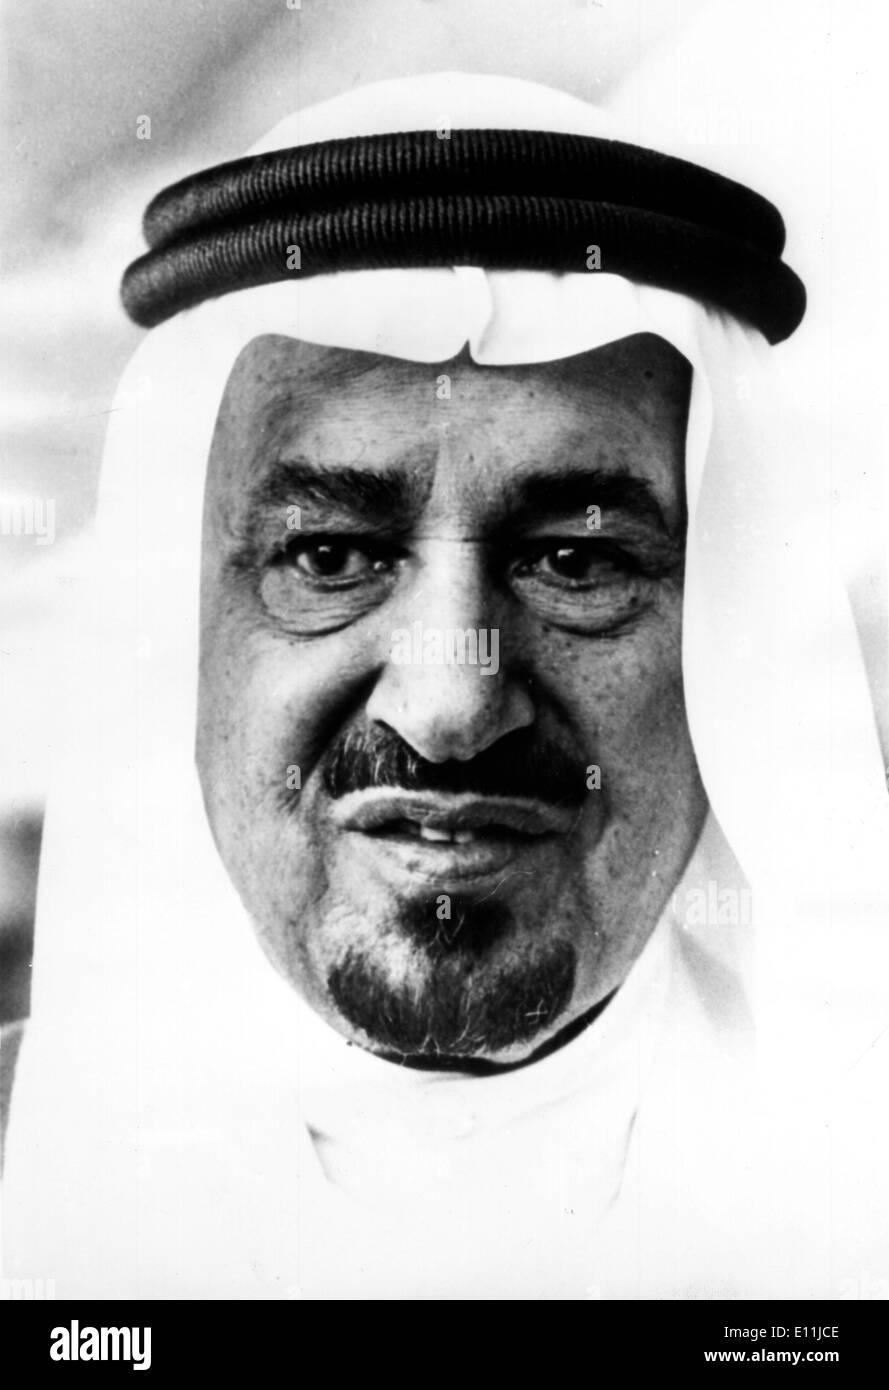 5508074 (900324) Koenig KHALED von Saudi-Arabien, Portrait vom Mai 1978 in Bruessel. 'Nutzung nur gegen Honorar, Beleg, - Stock Image